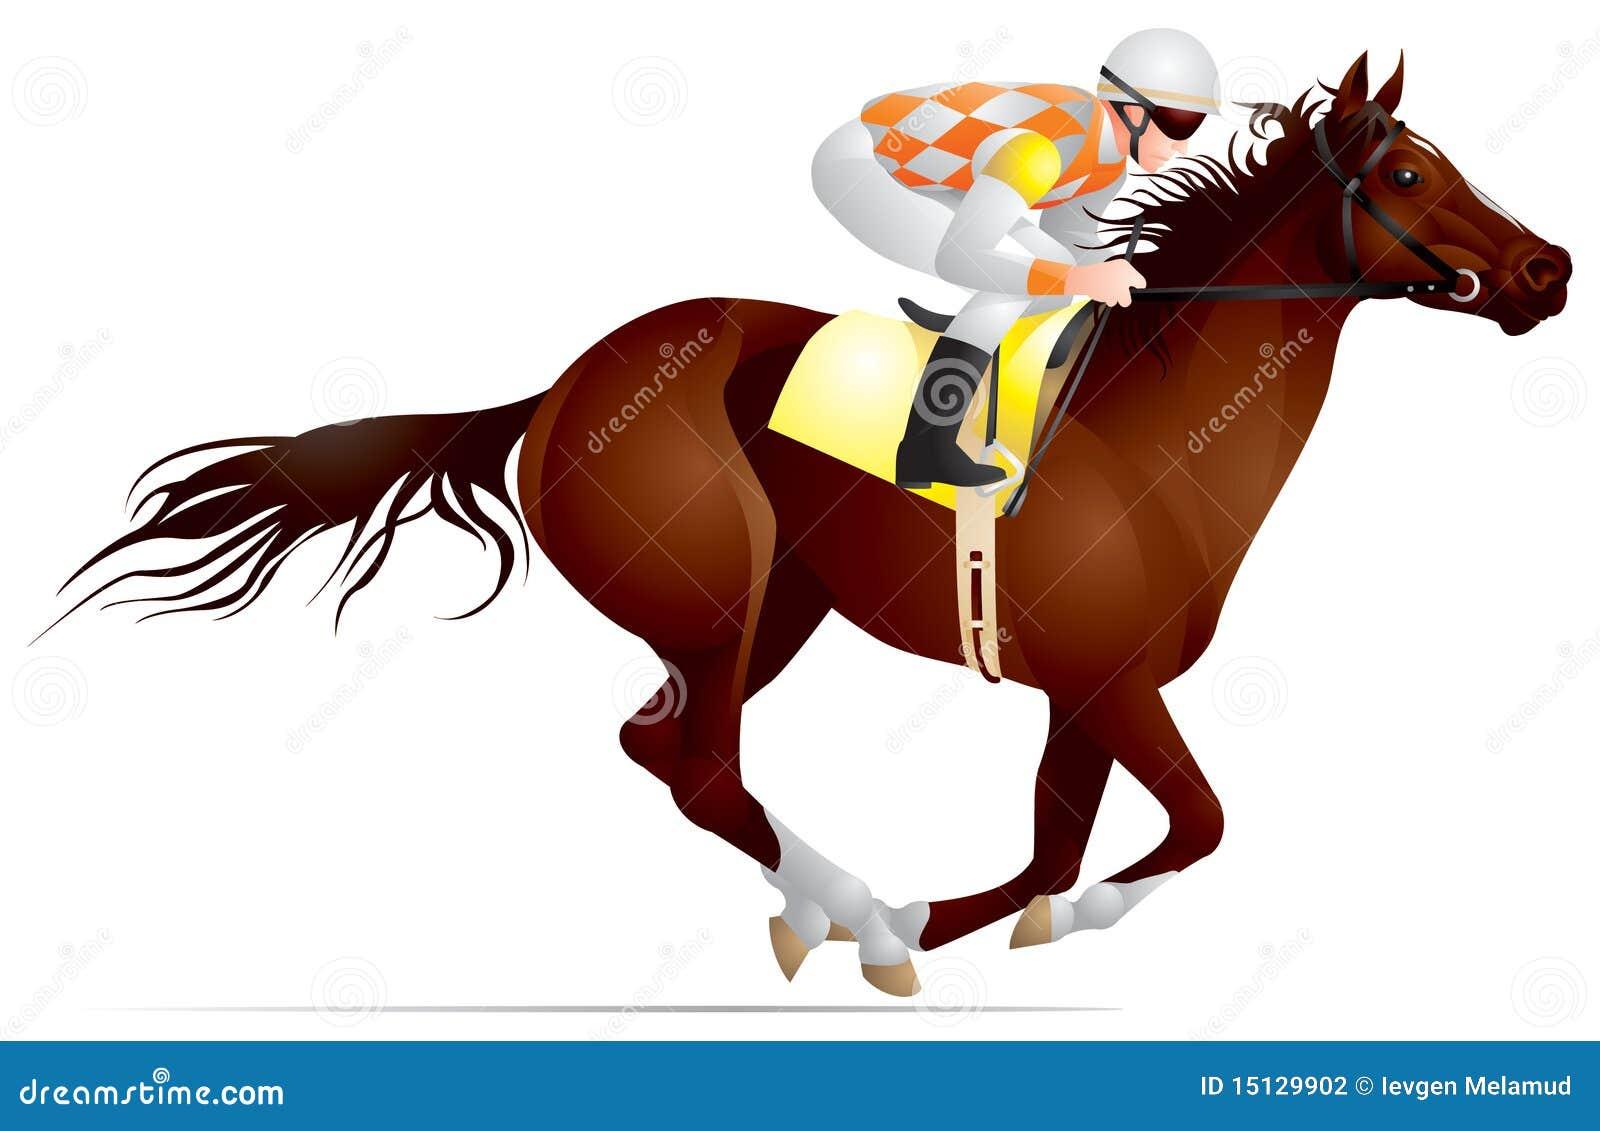 Derby, Pferdenrennen